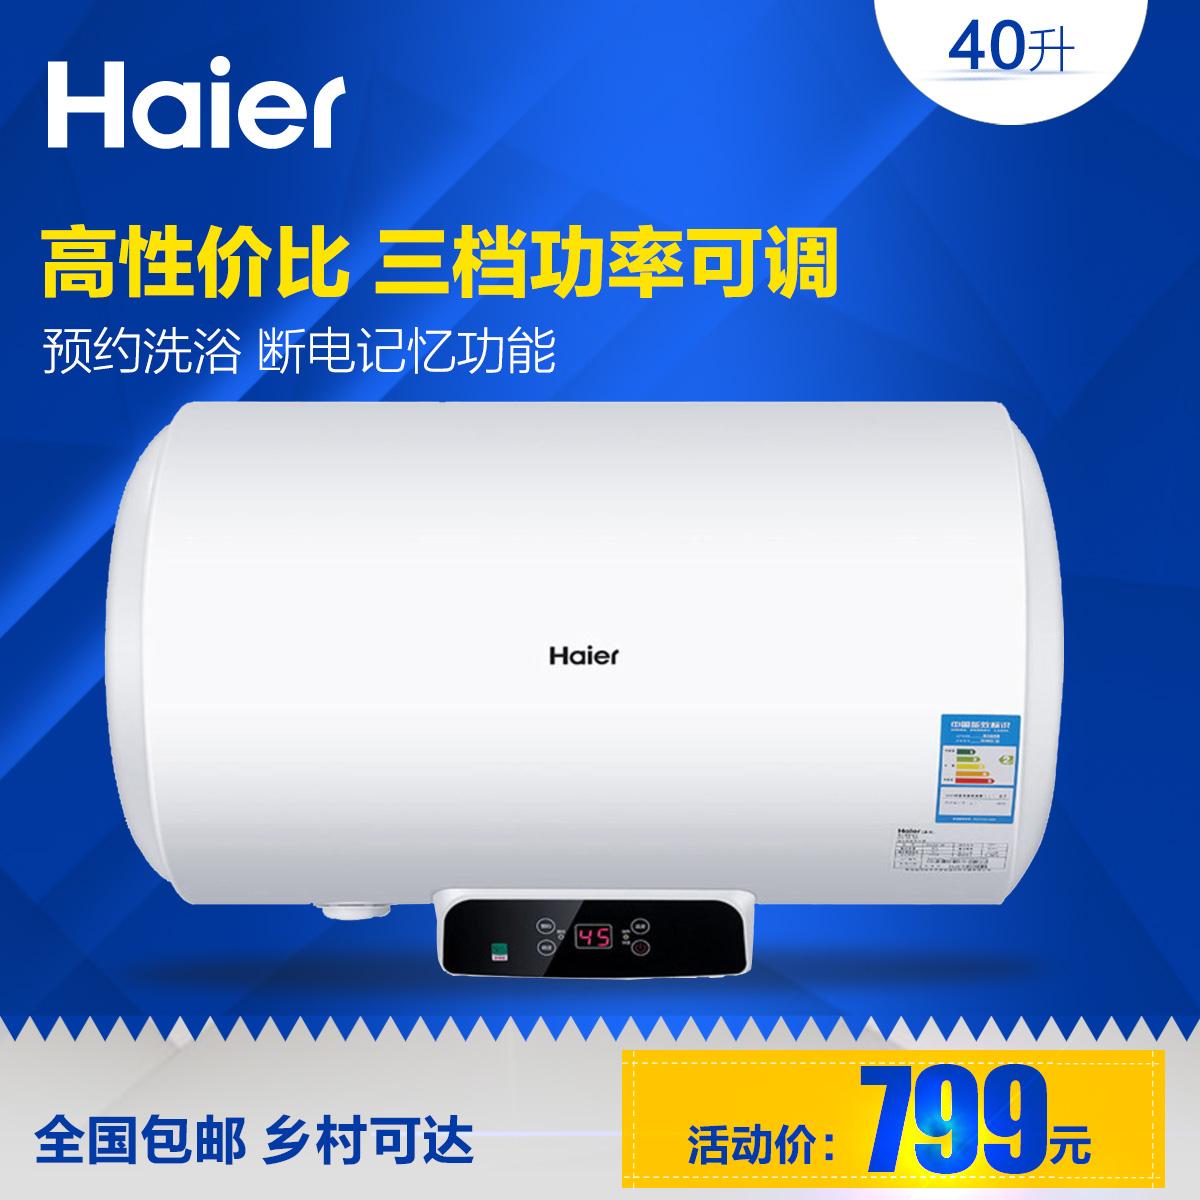 海尔电热水器 ec4002-q6图片